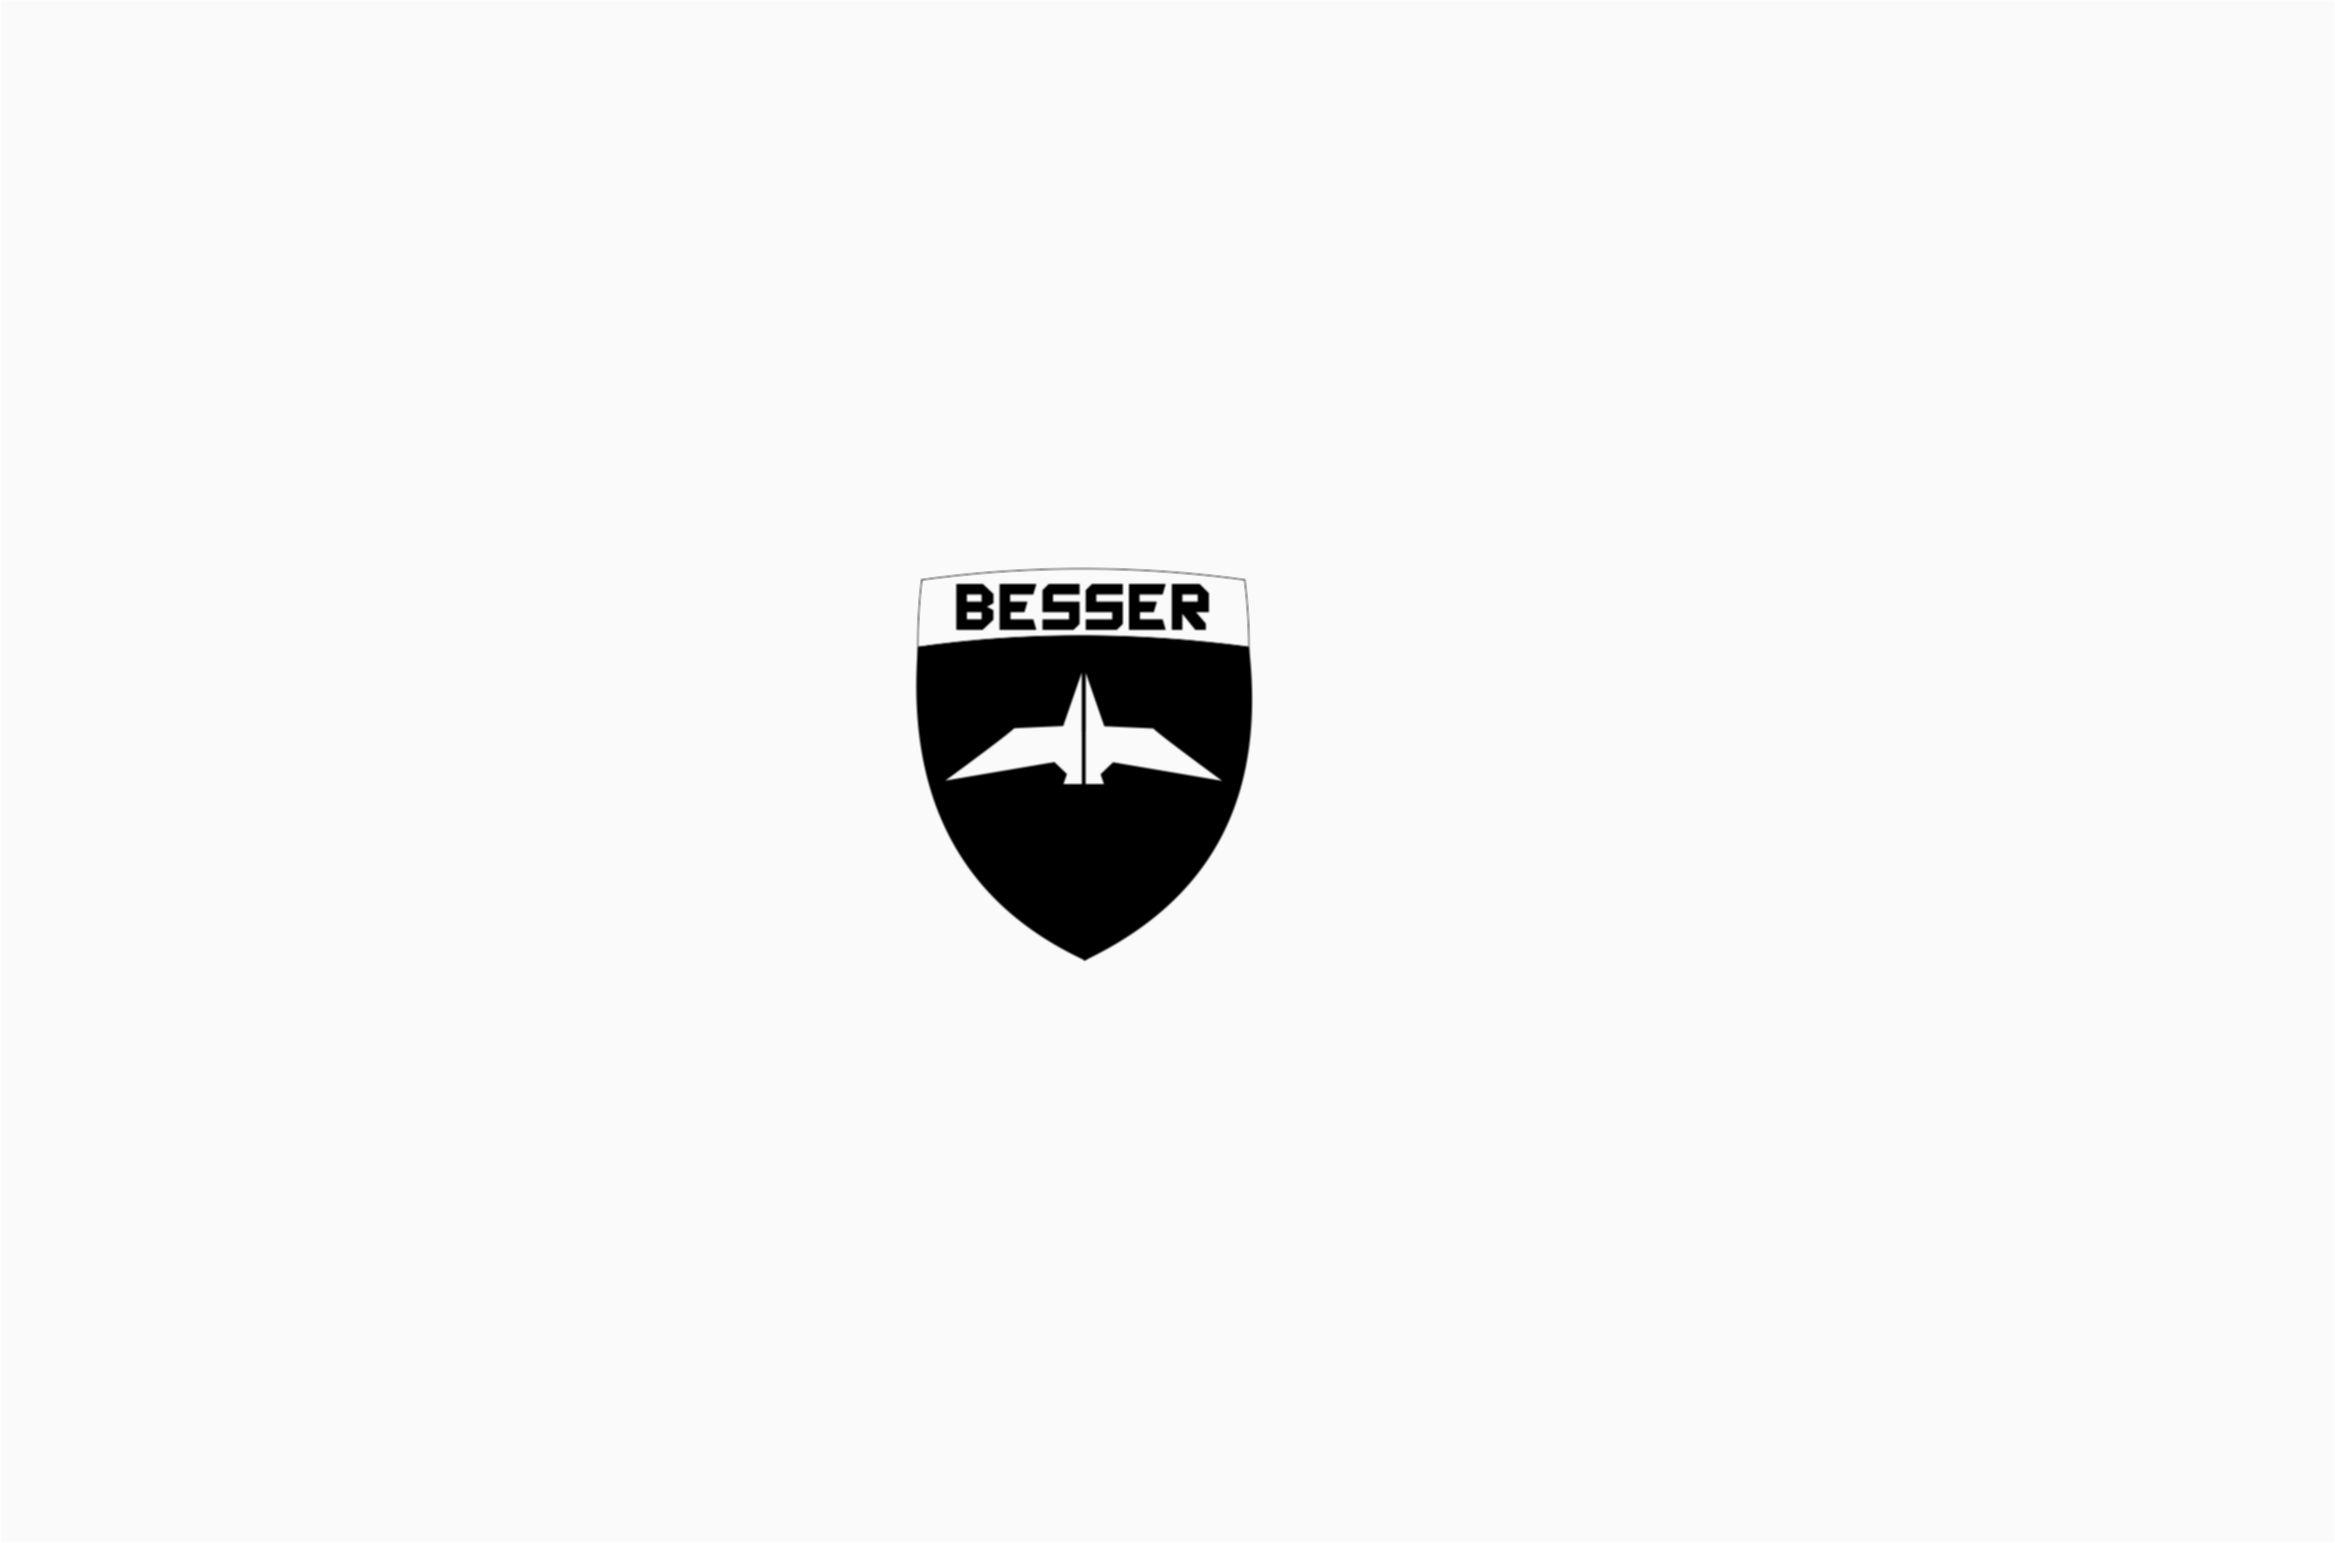 Логотип для тюнинг-ателье BESSER - дизайнер give_5